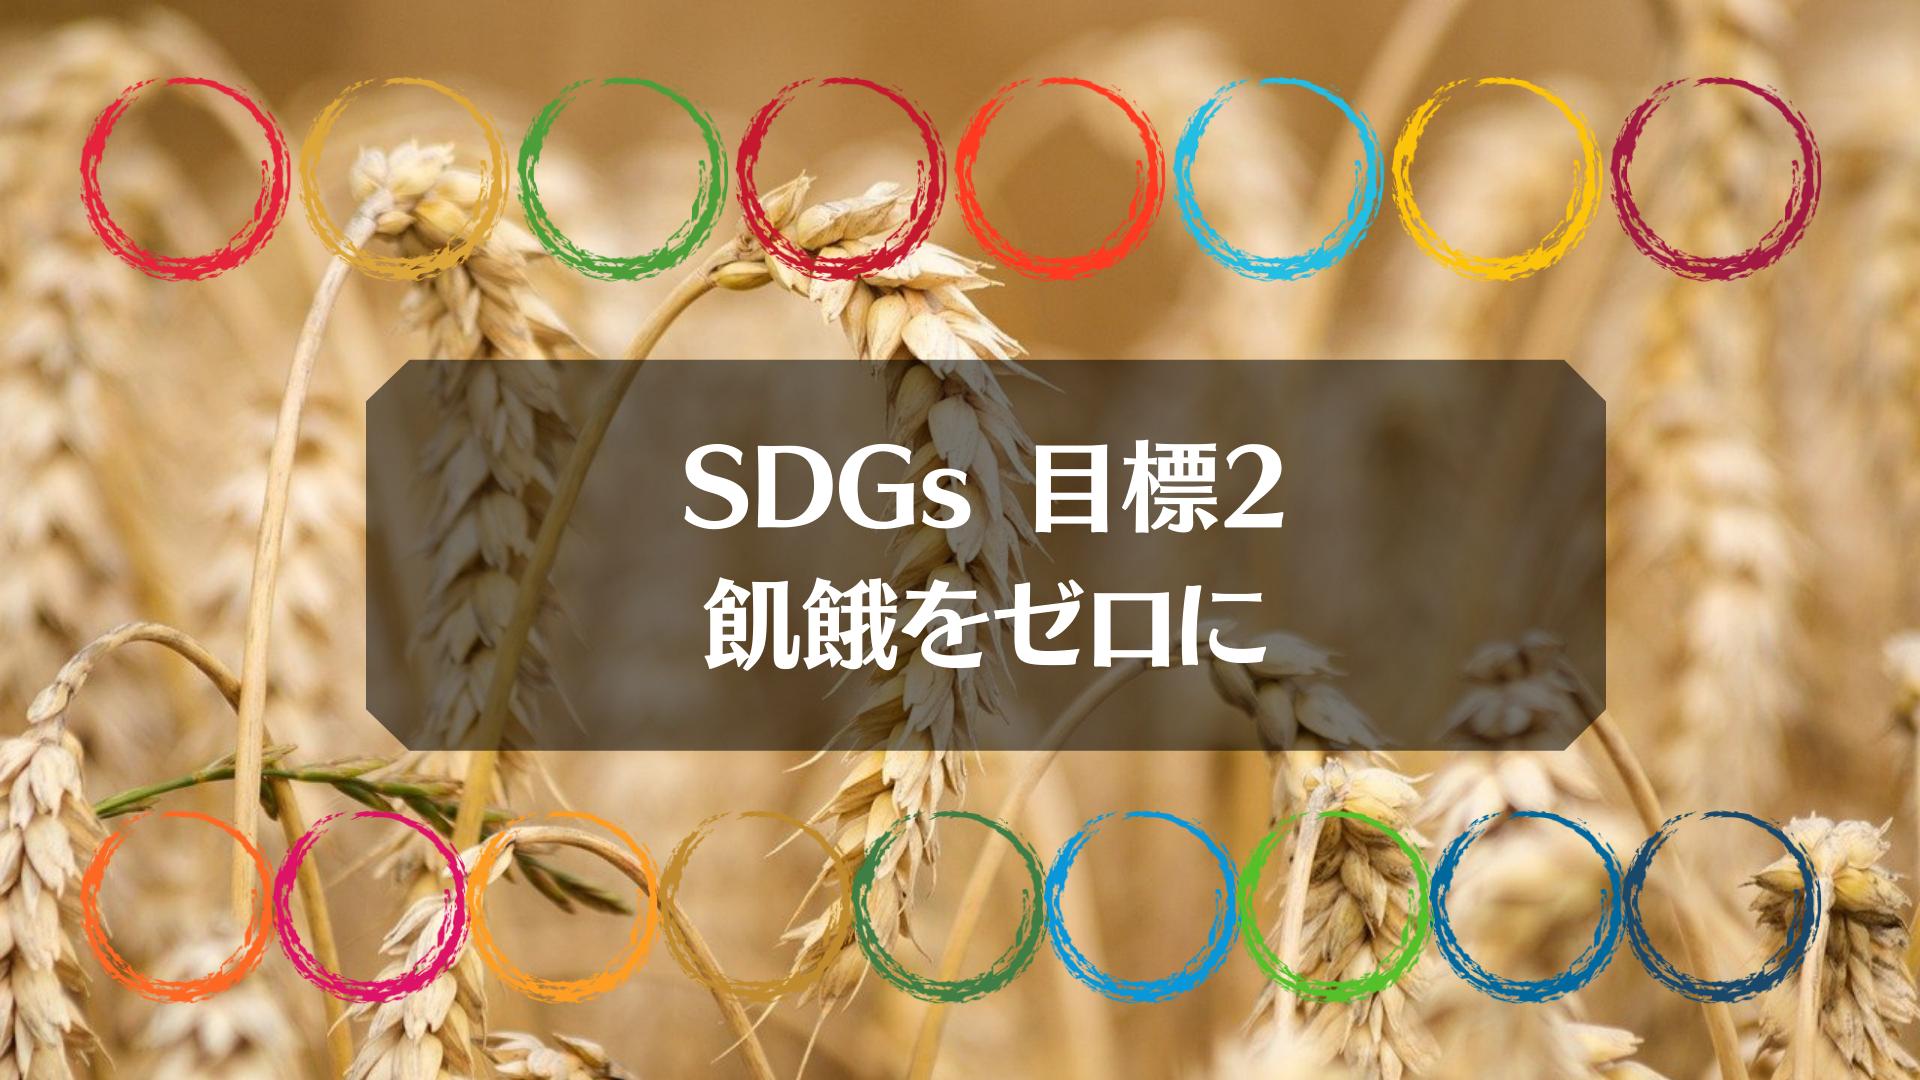 SDGs目標2「飢餓をゼロに」を考える|飢餓の現状・企業の取り組みまで